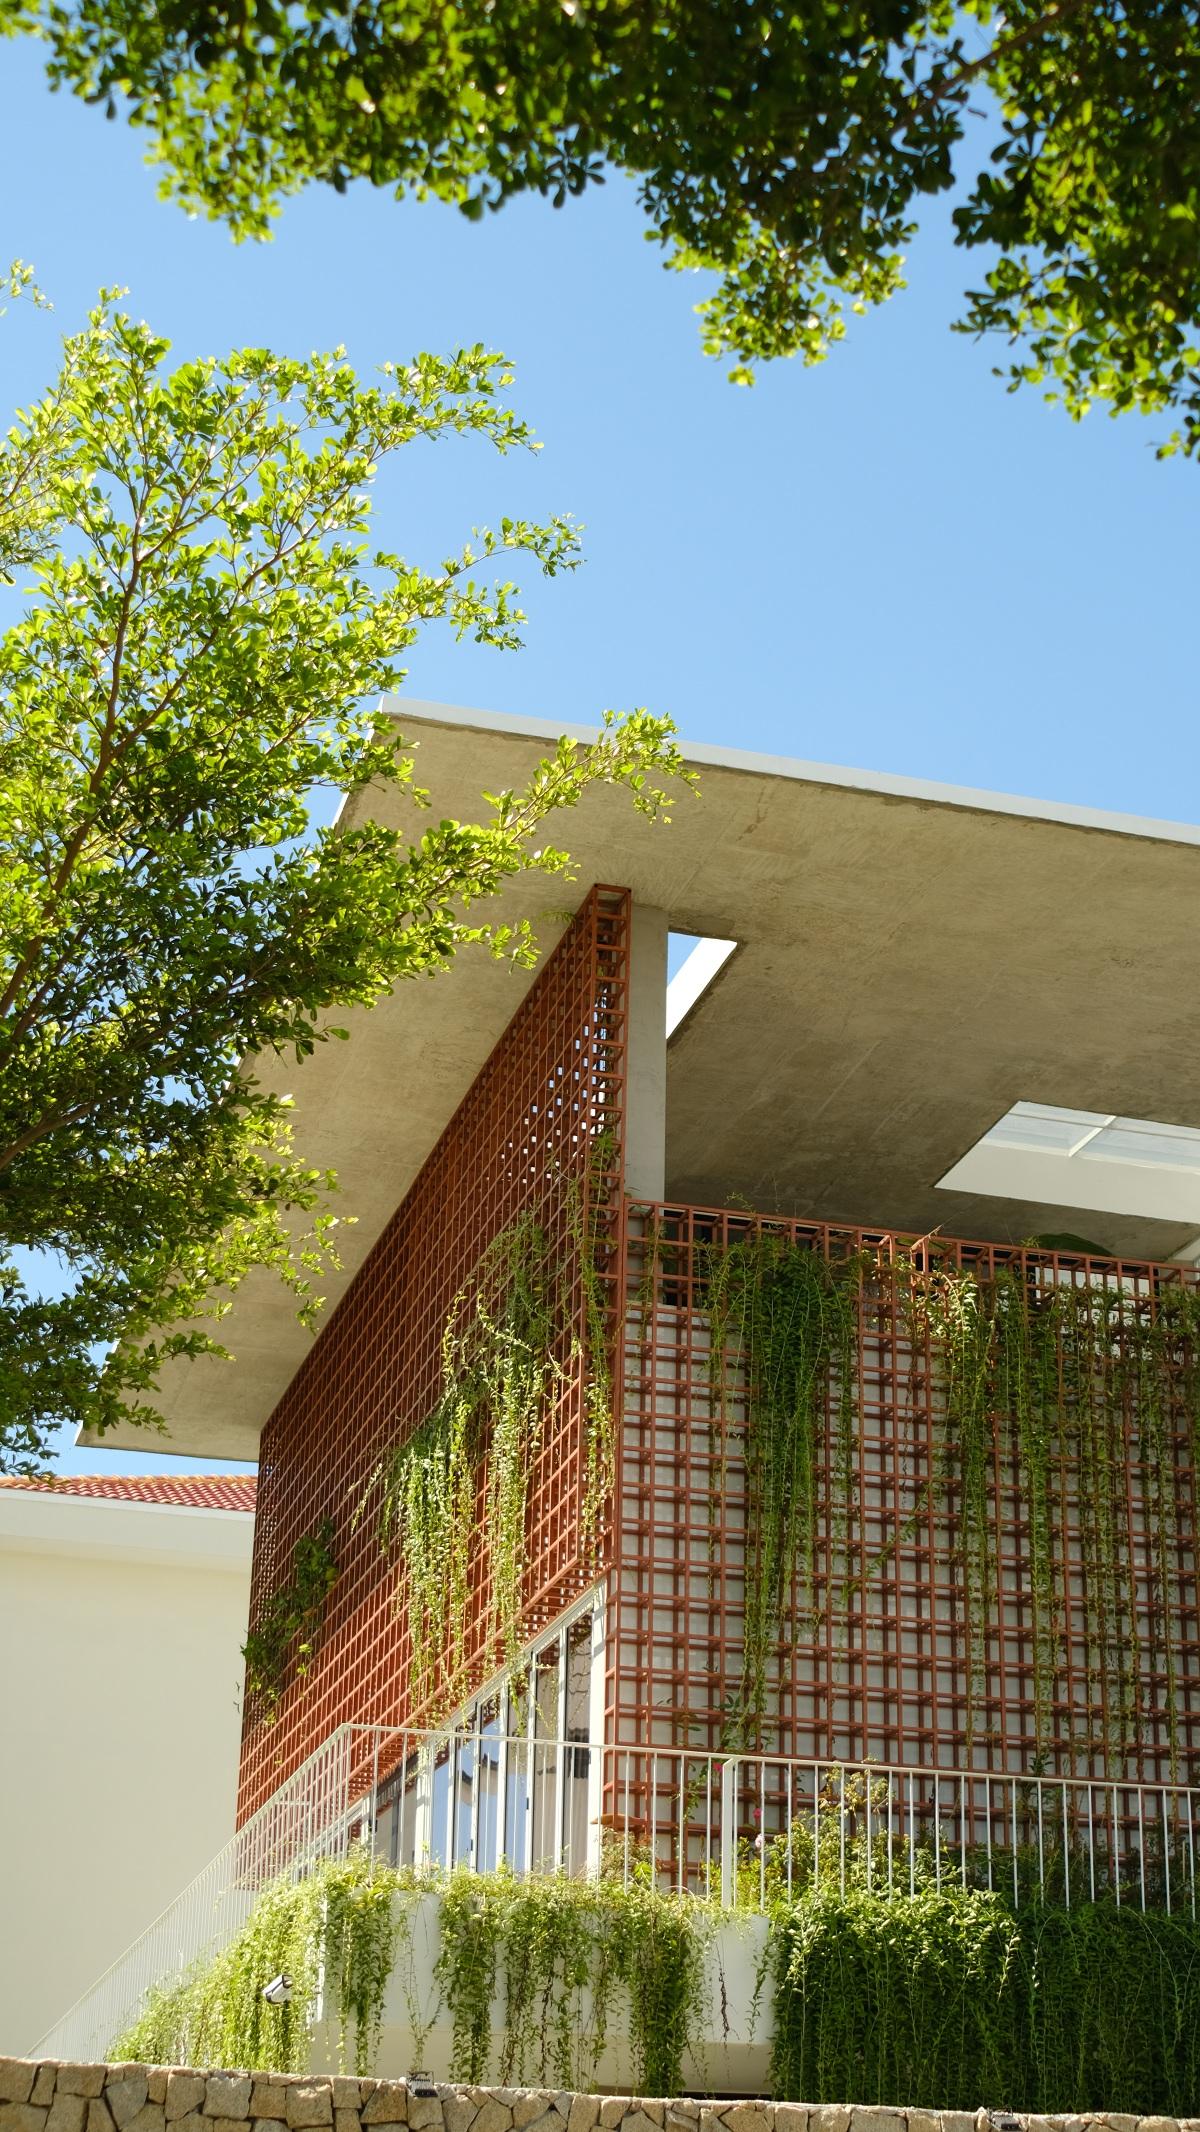 Freedom House - Thả mình giữa khoảng trời của bóng nắng và cây xanh